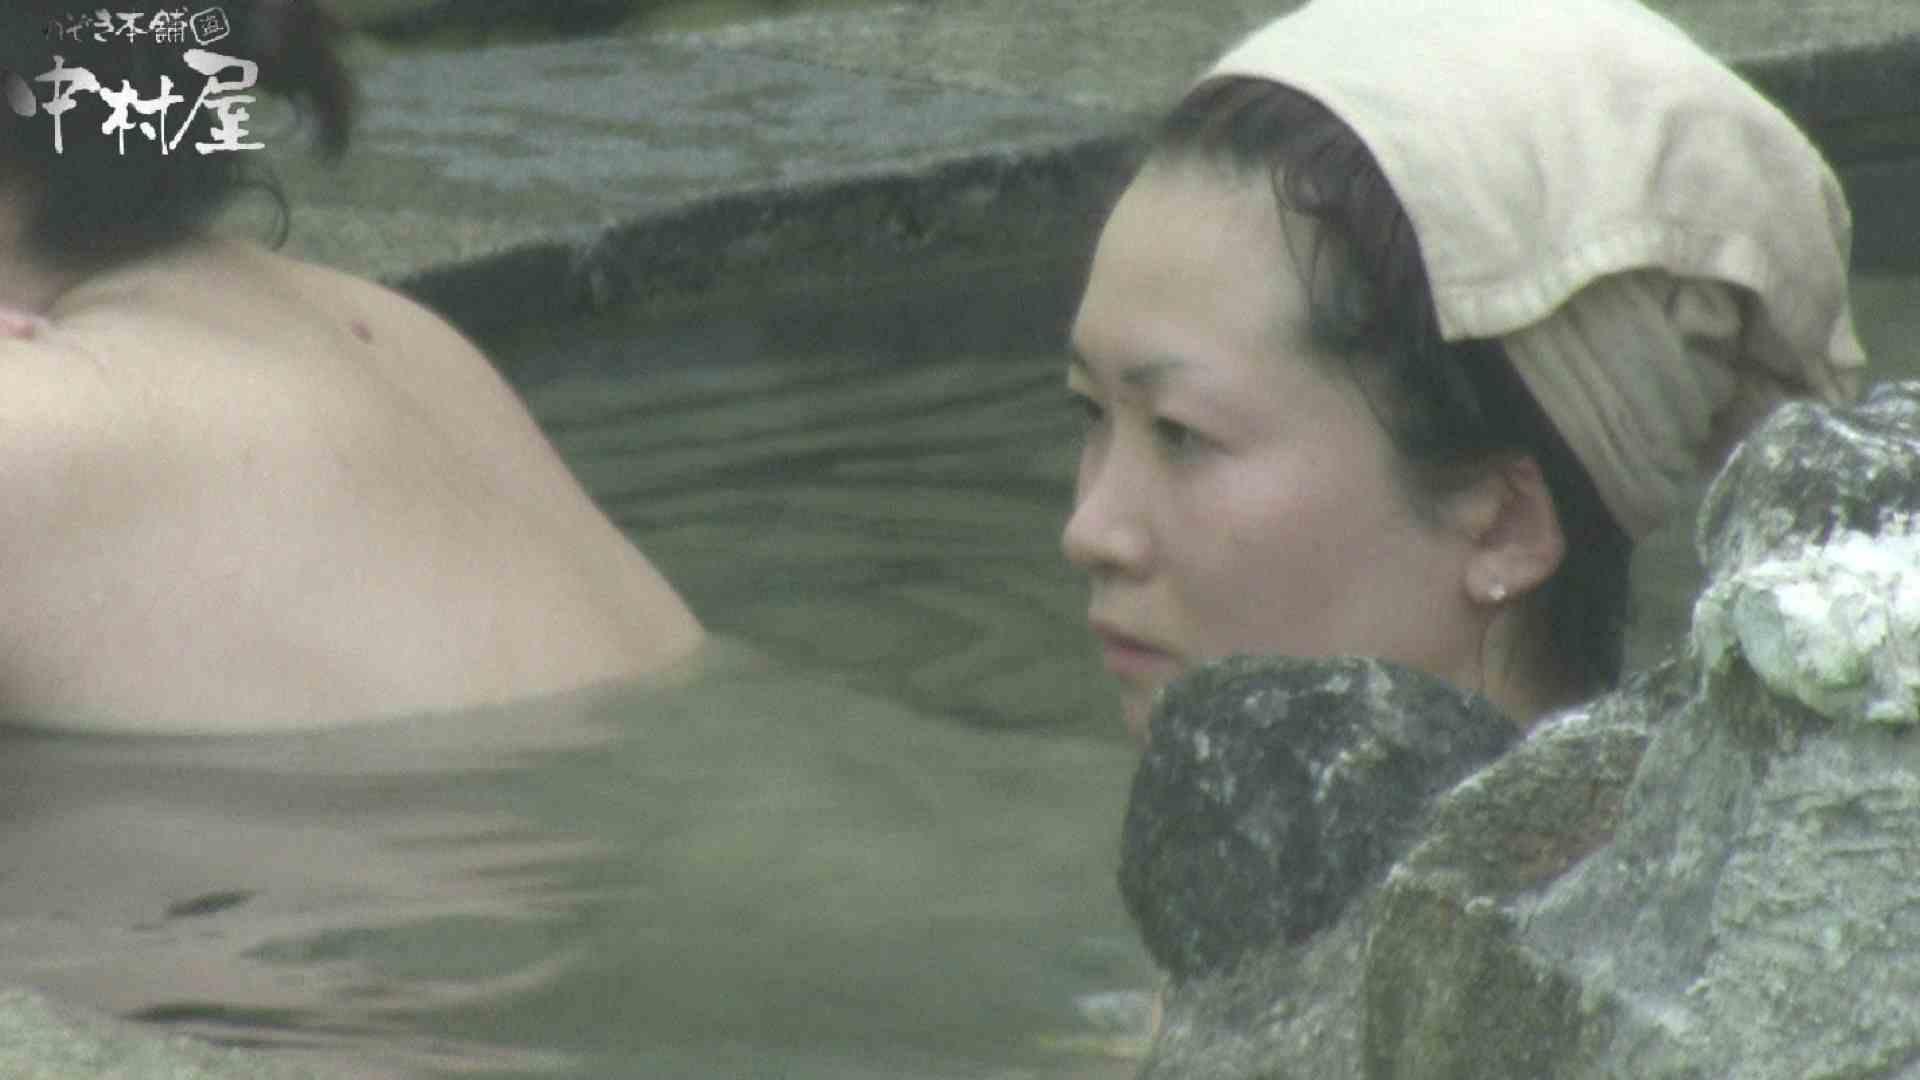 Aquaな露天風呂Vol.906 盗撮 オメコ動画キャプチャ 29PICs 26